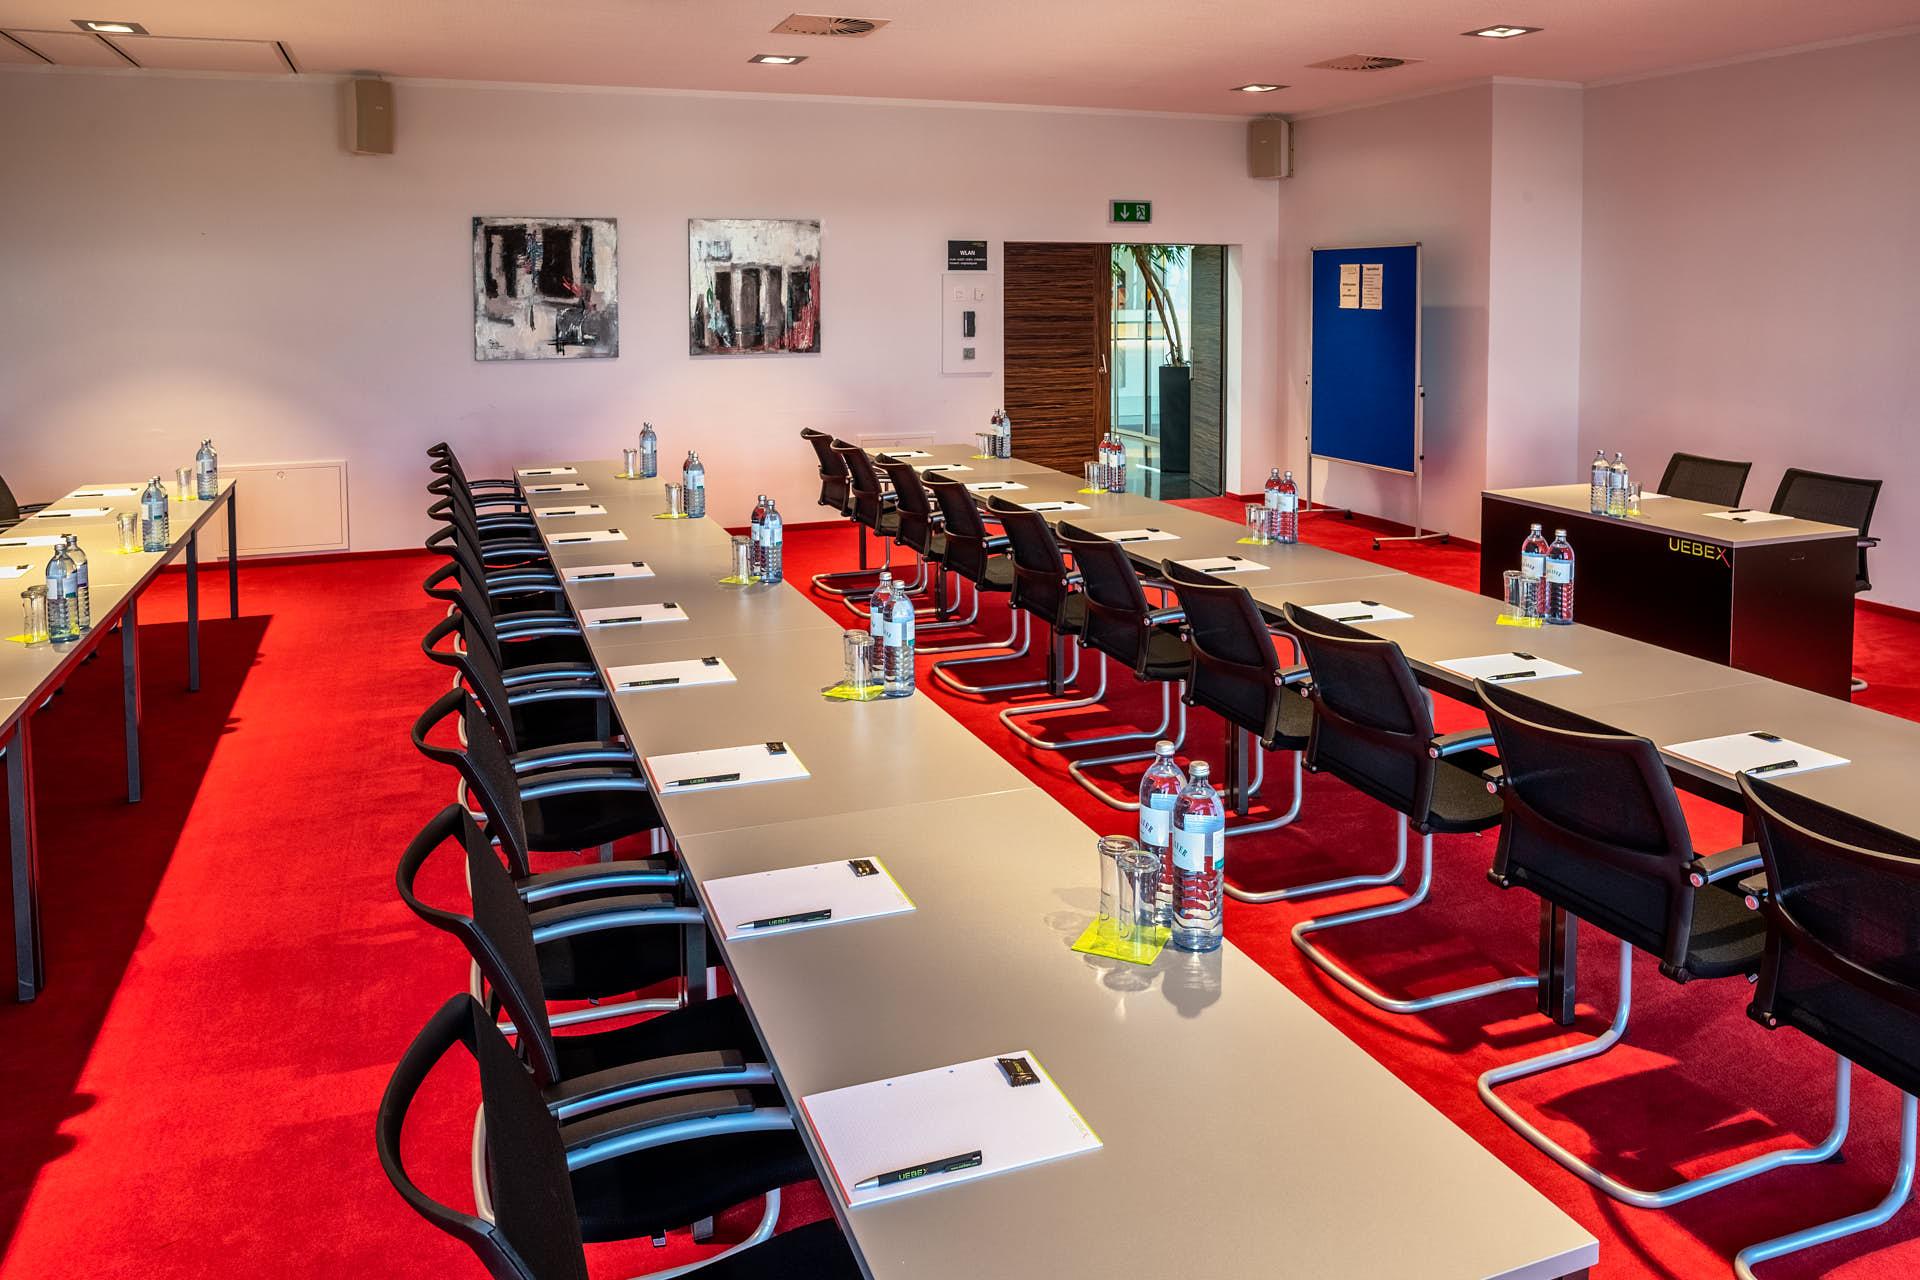 Merkur / Klassenzimmer-Bestuhlung: Platz für 40 Personen.